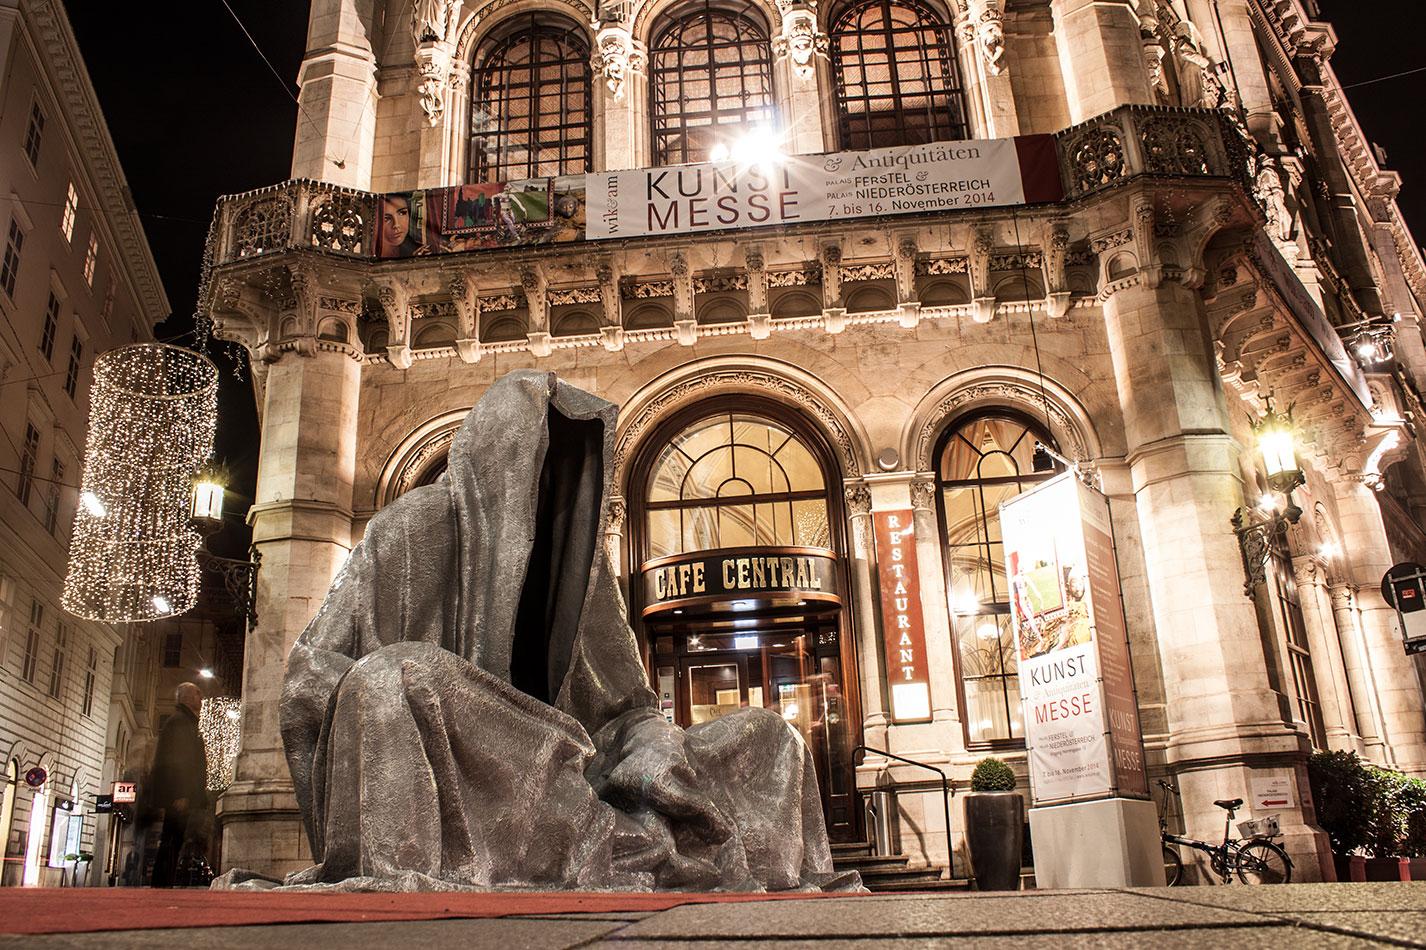 wikam-wiener-internationale-kunst-und-antiquitaetenmesse-art-and-antique-fair-vienna-guardians-of-time-manfred-kili-kielnhofer-contemporary-fine-art-design-4916